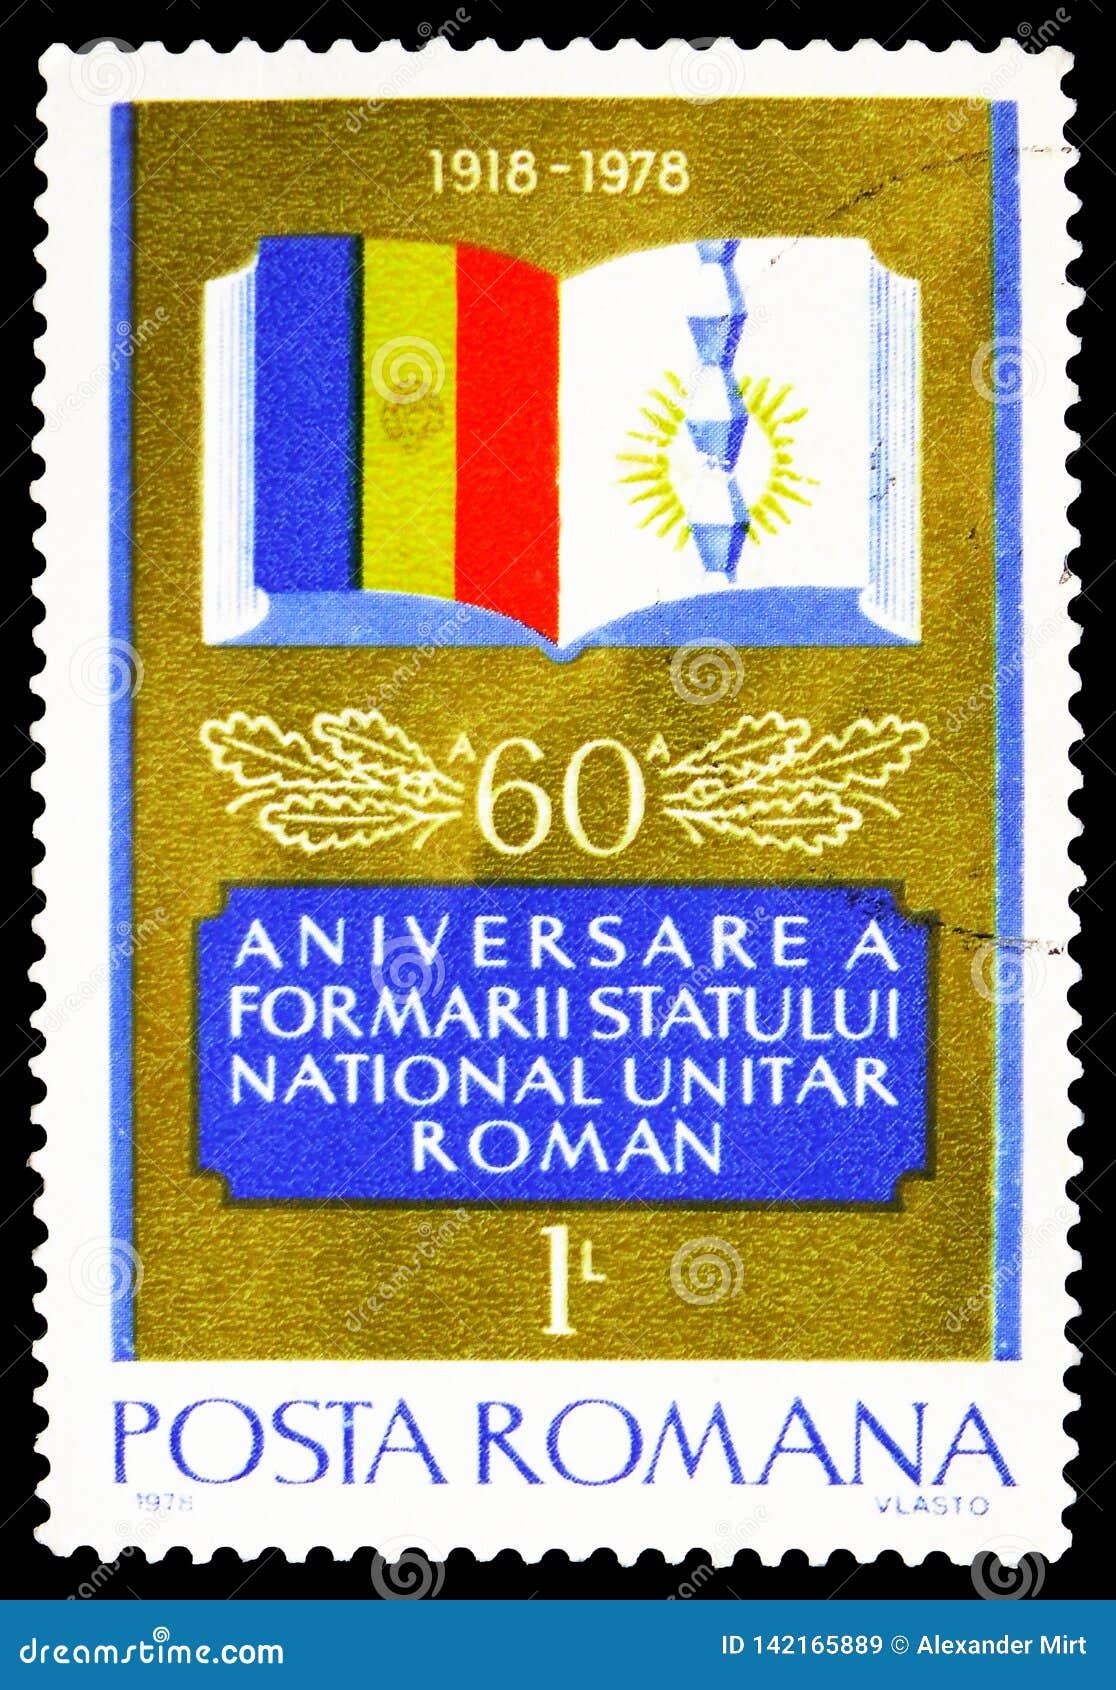 Livre et drapeau roumain, soixantième anniversaire de serie d unité nationale, vers 1978